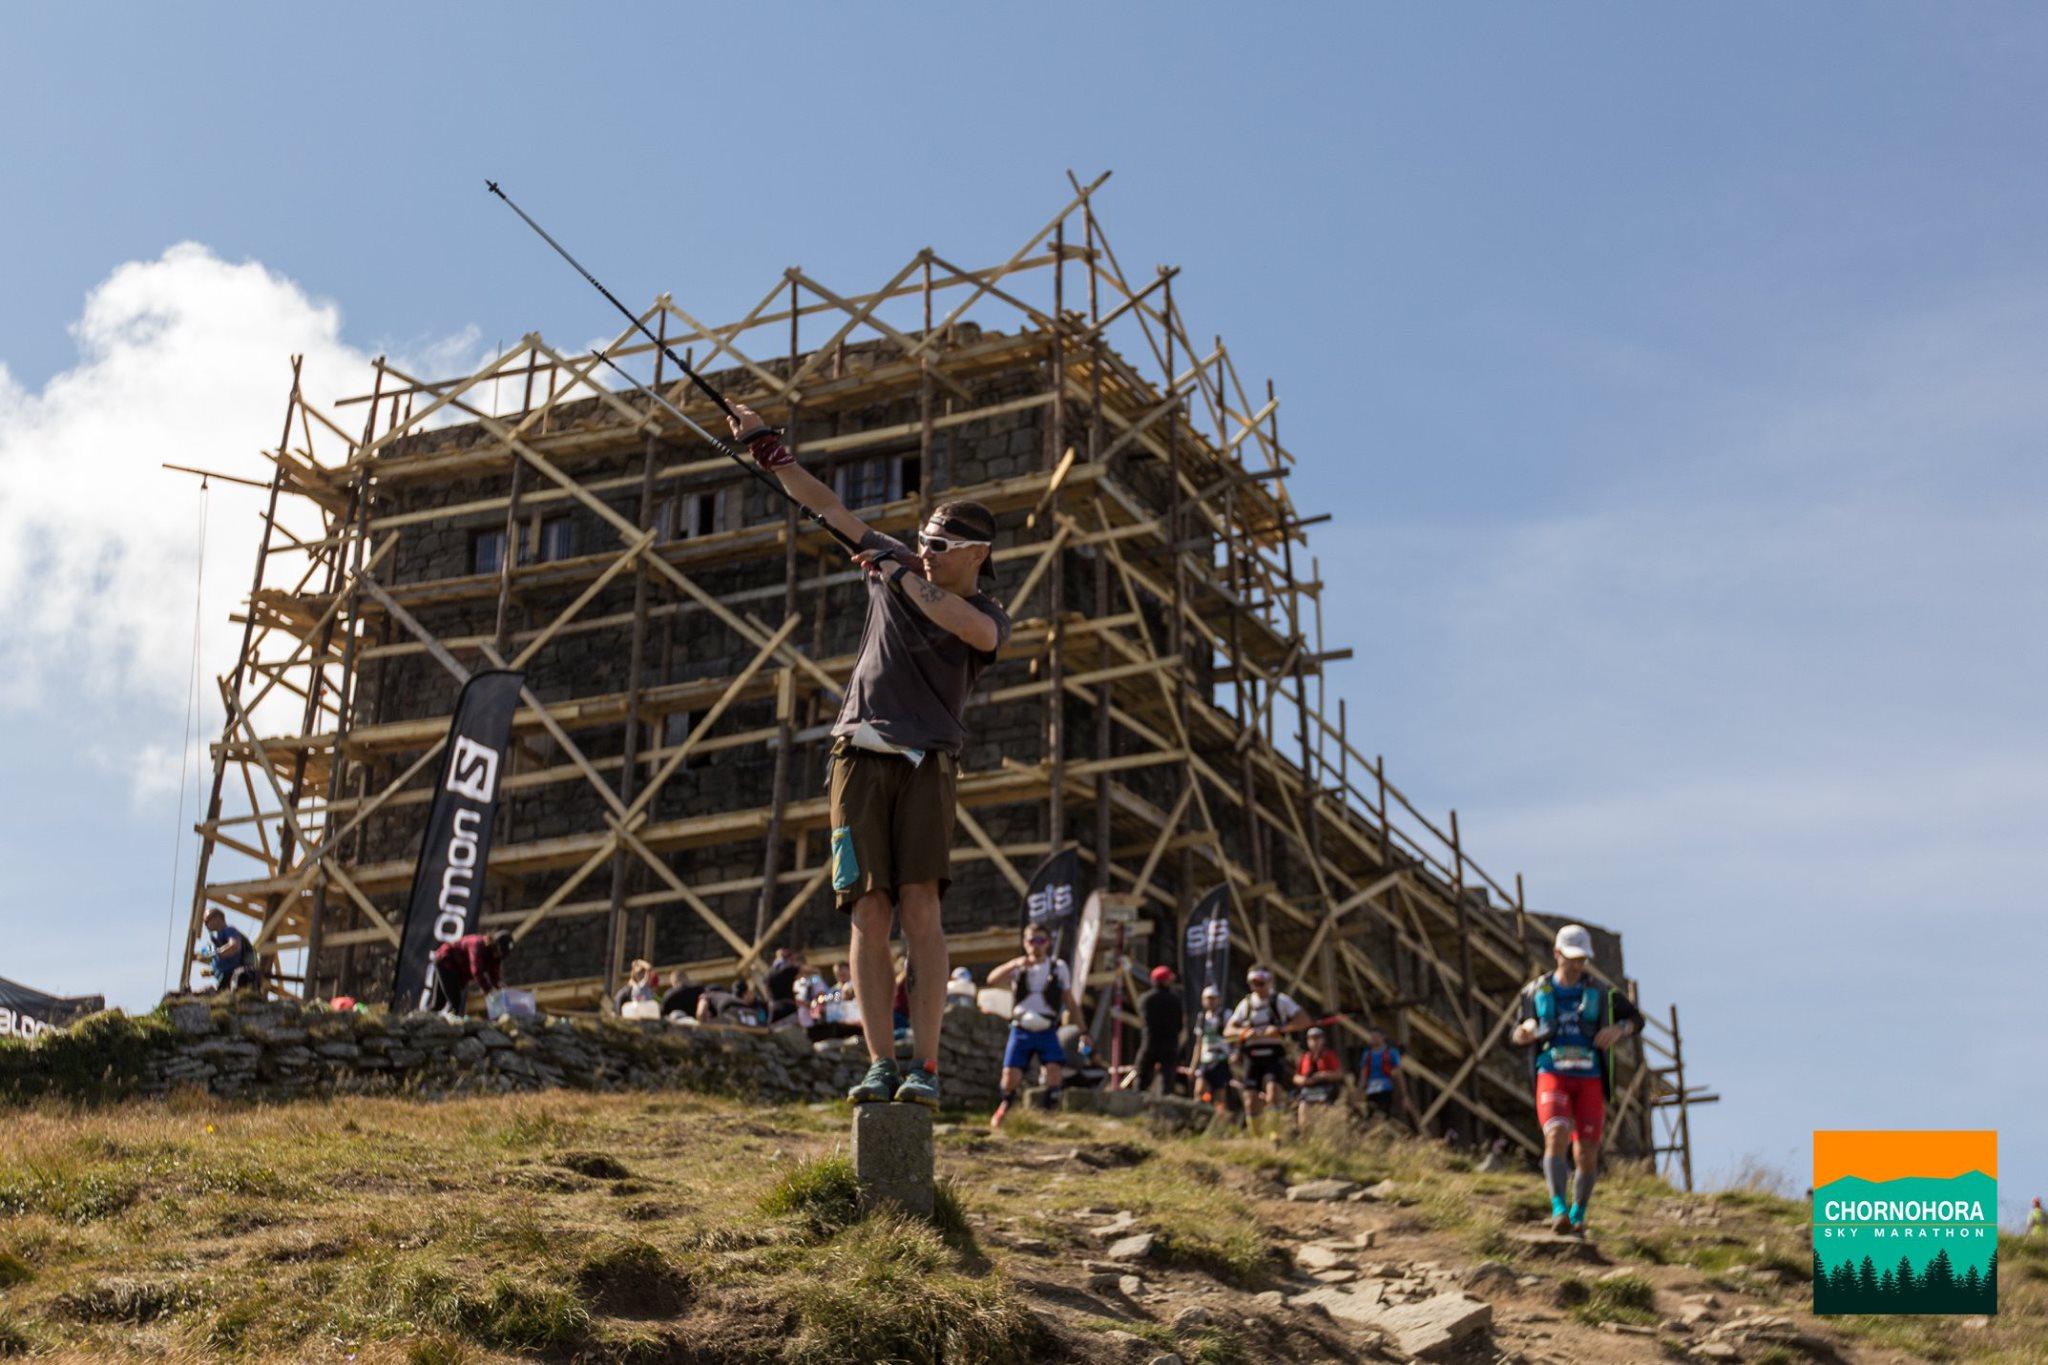 Chornohora Sky Marathon 2020